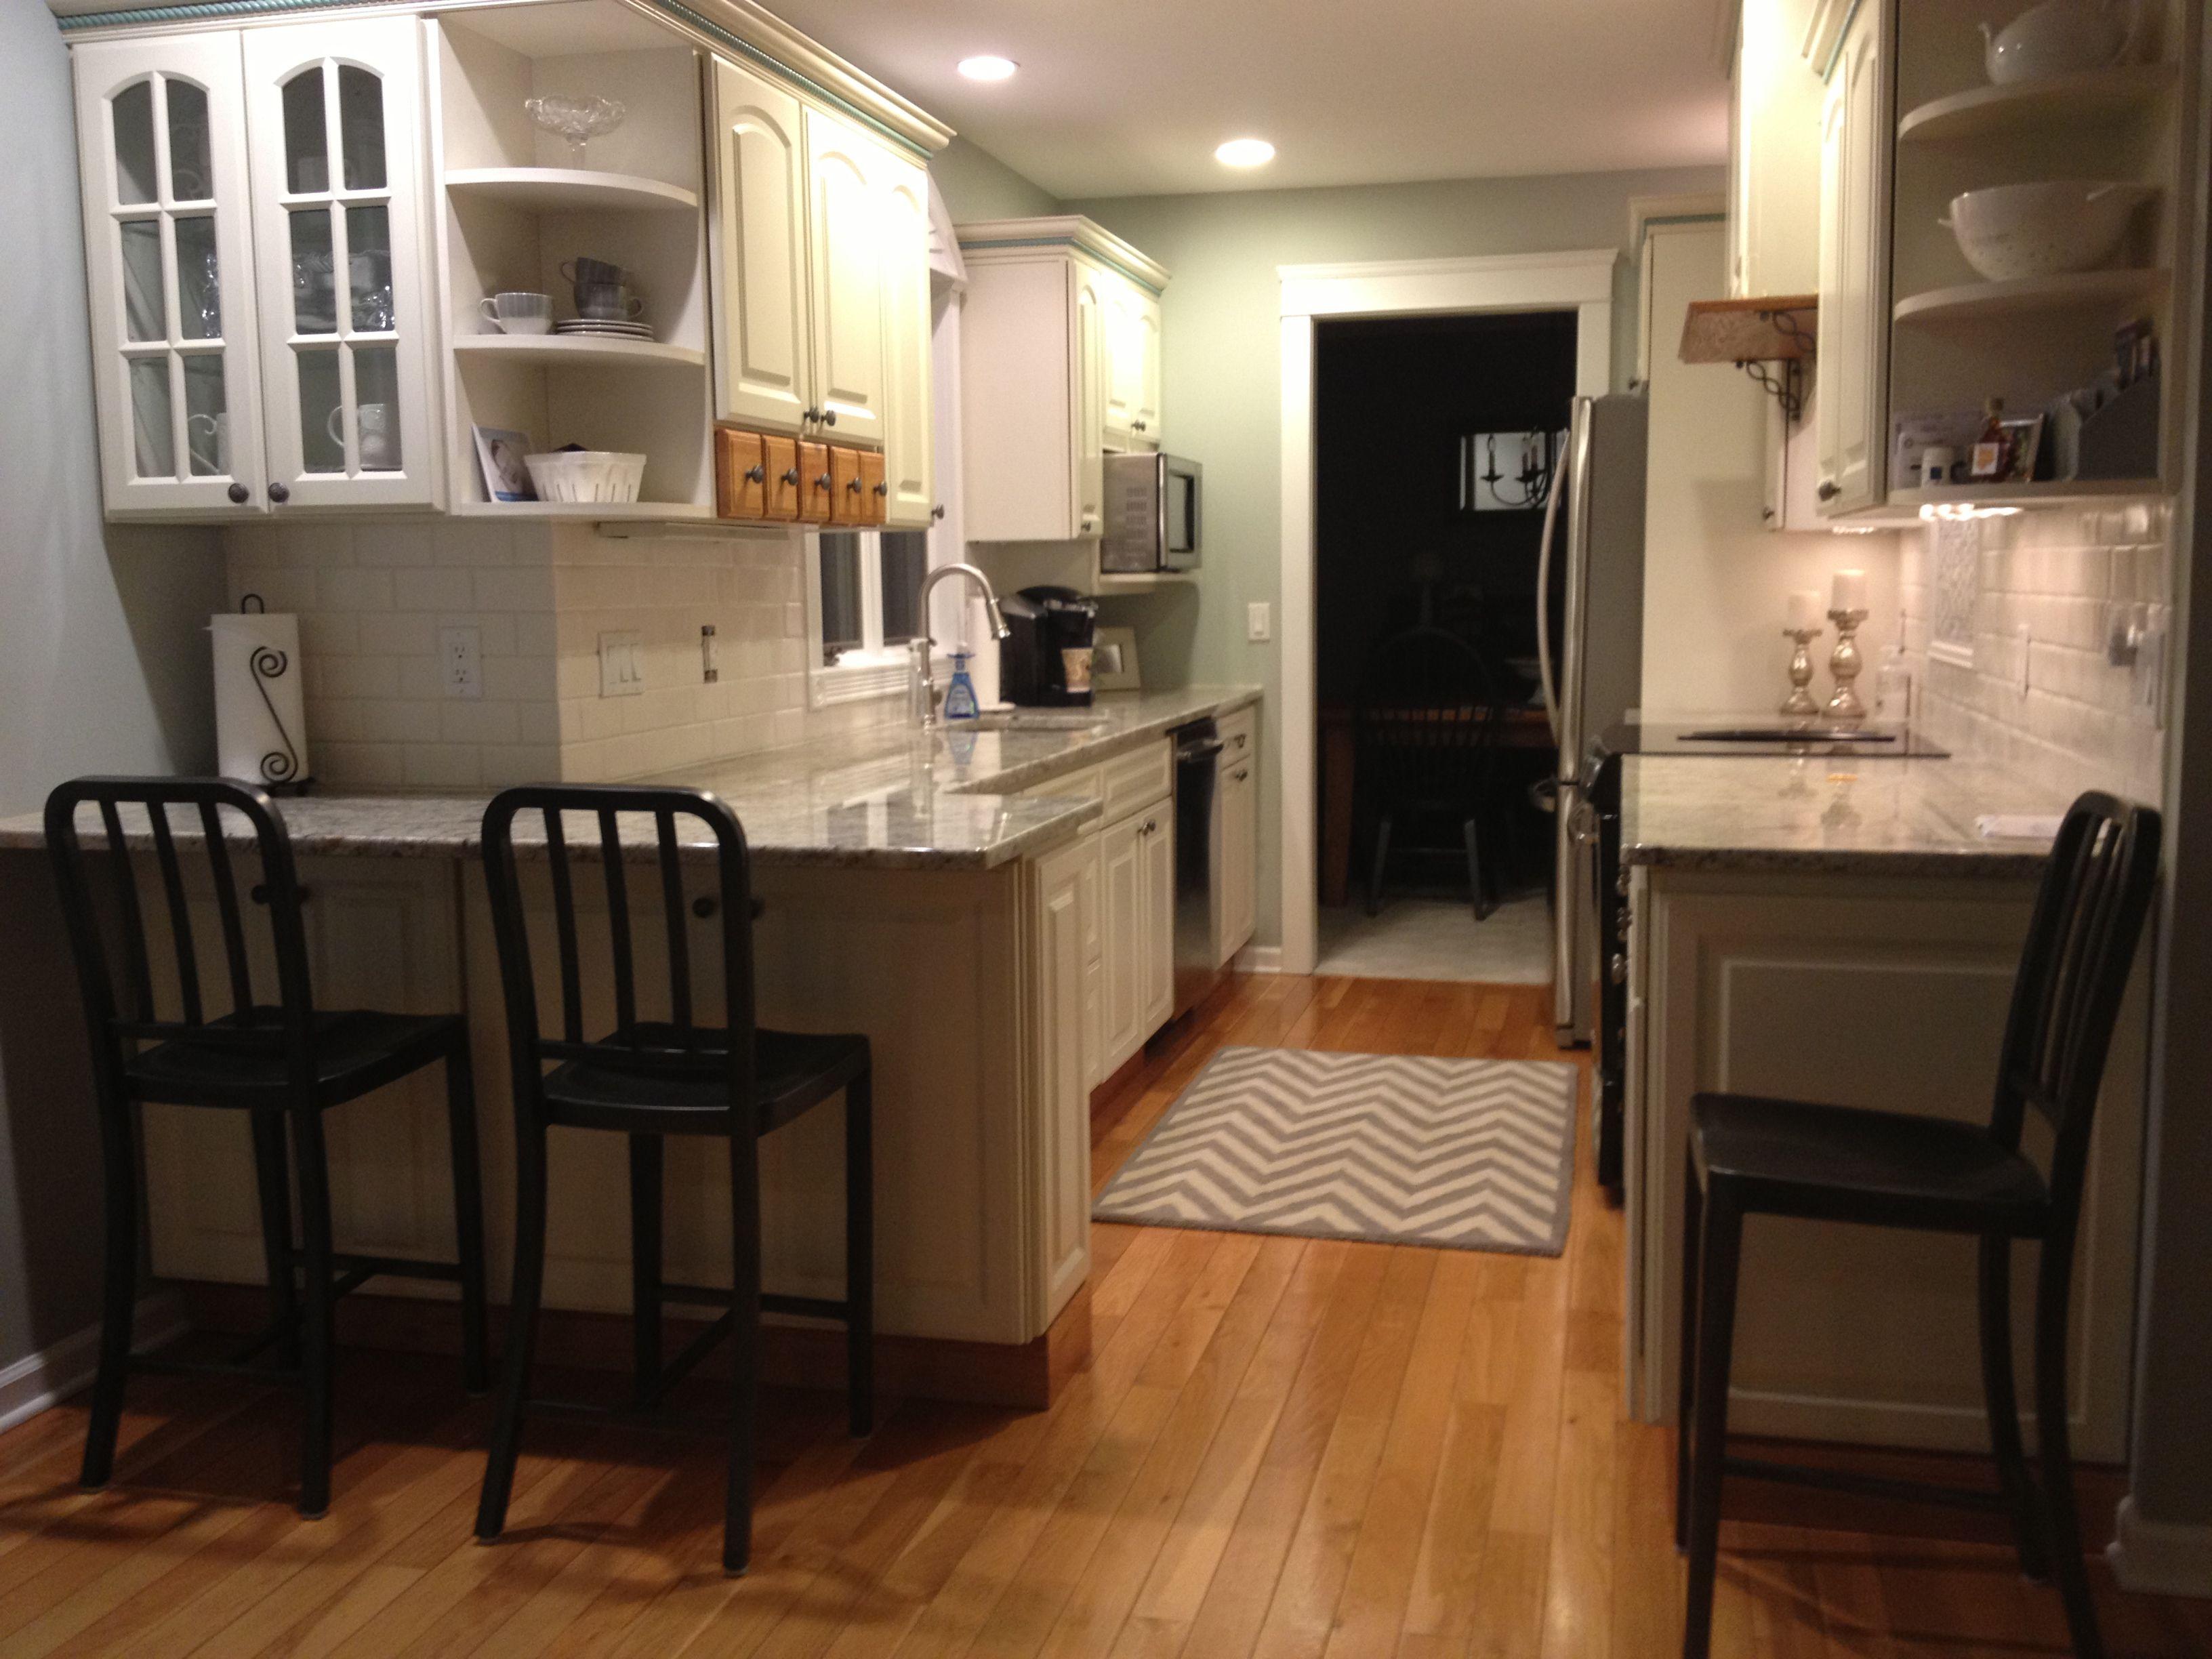 Galley kitchen Kitchen Design Ideas Pinterest Galley kitchens